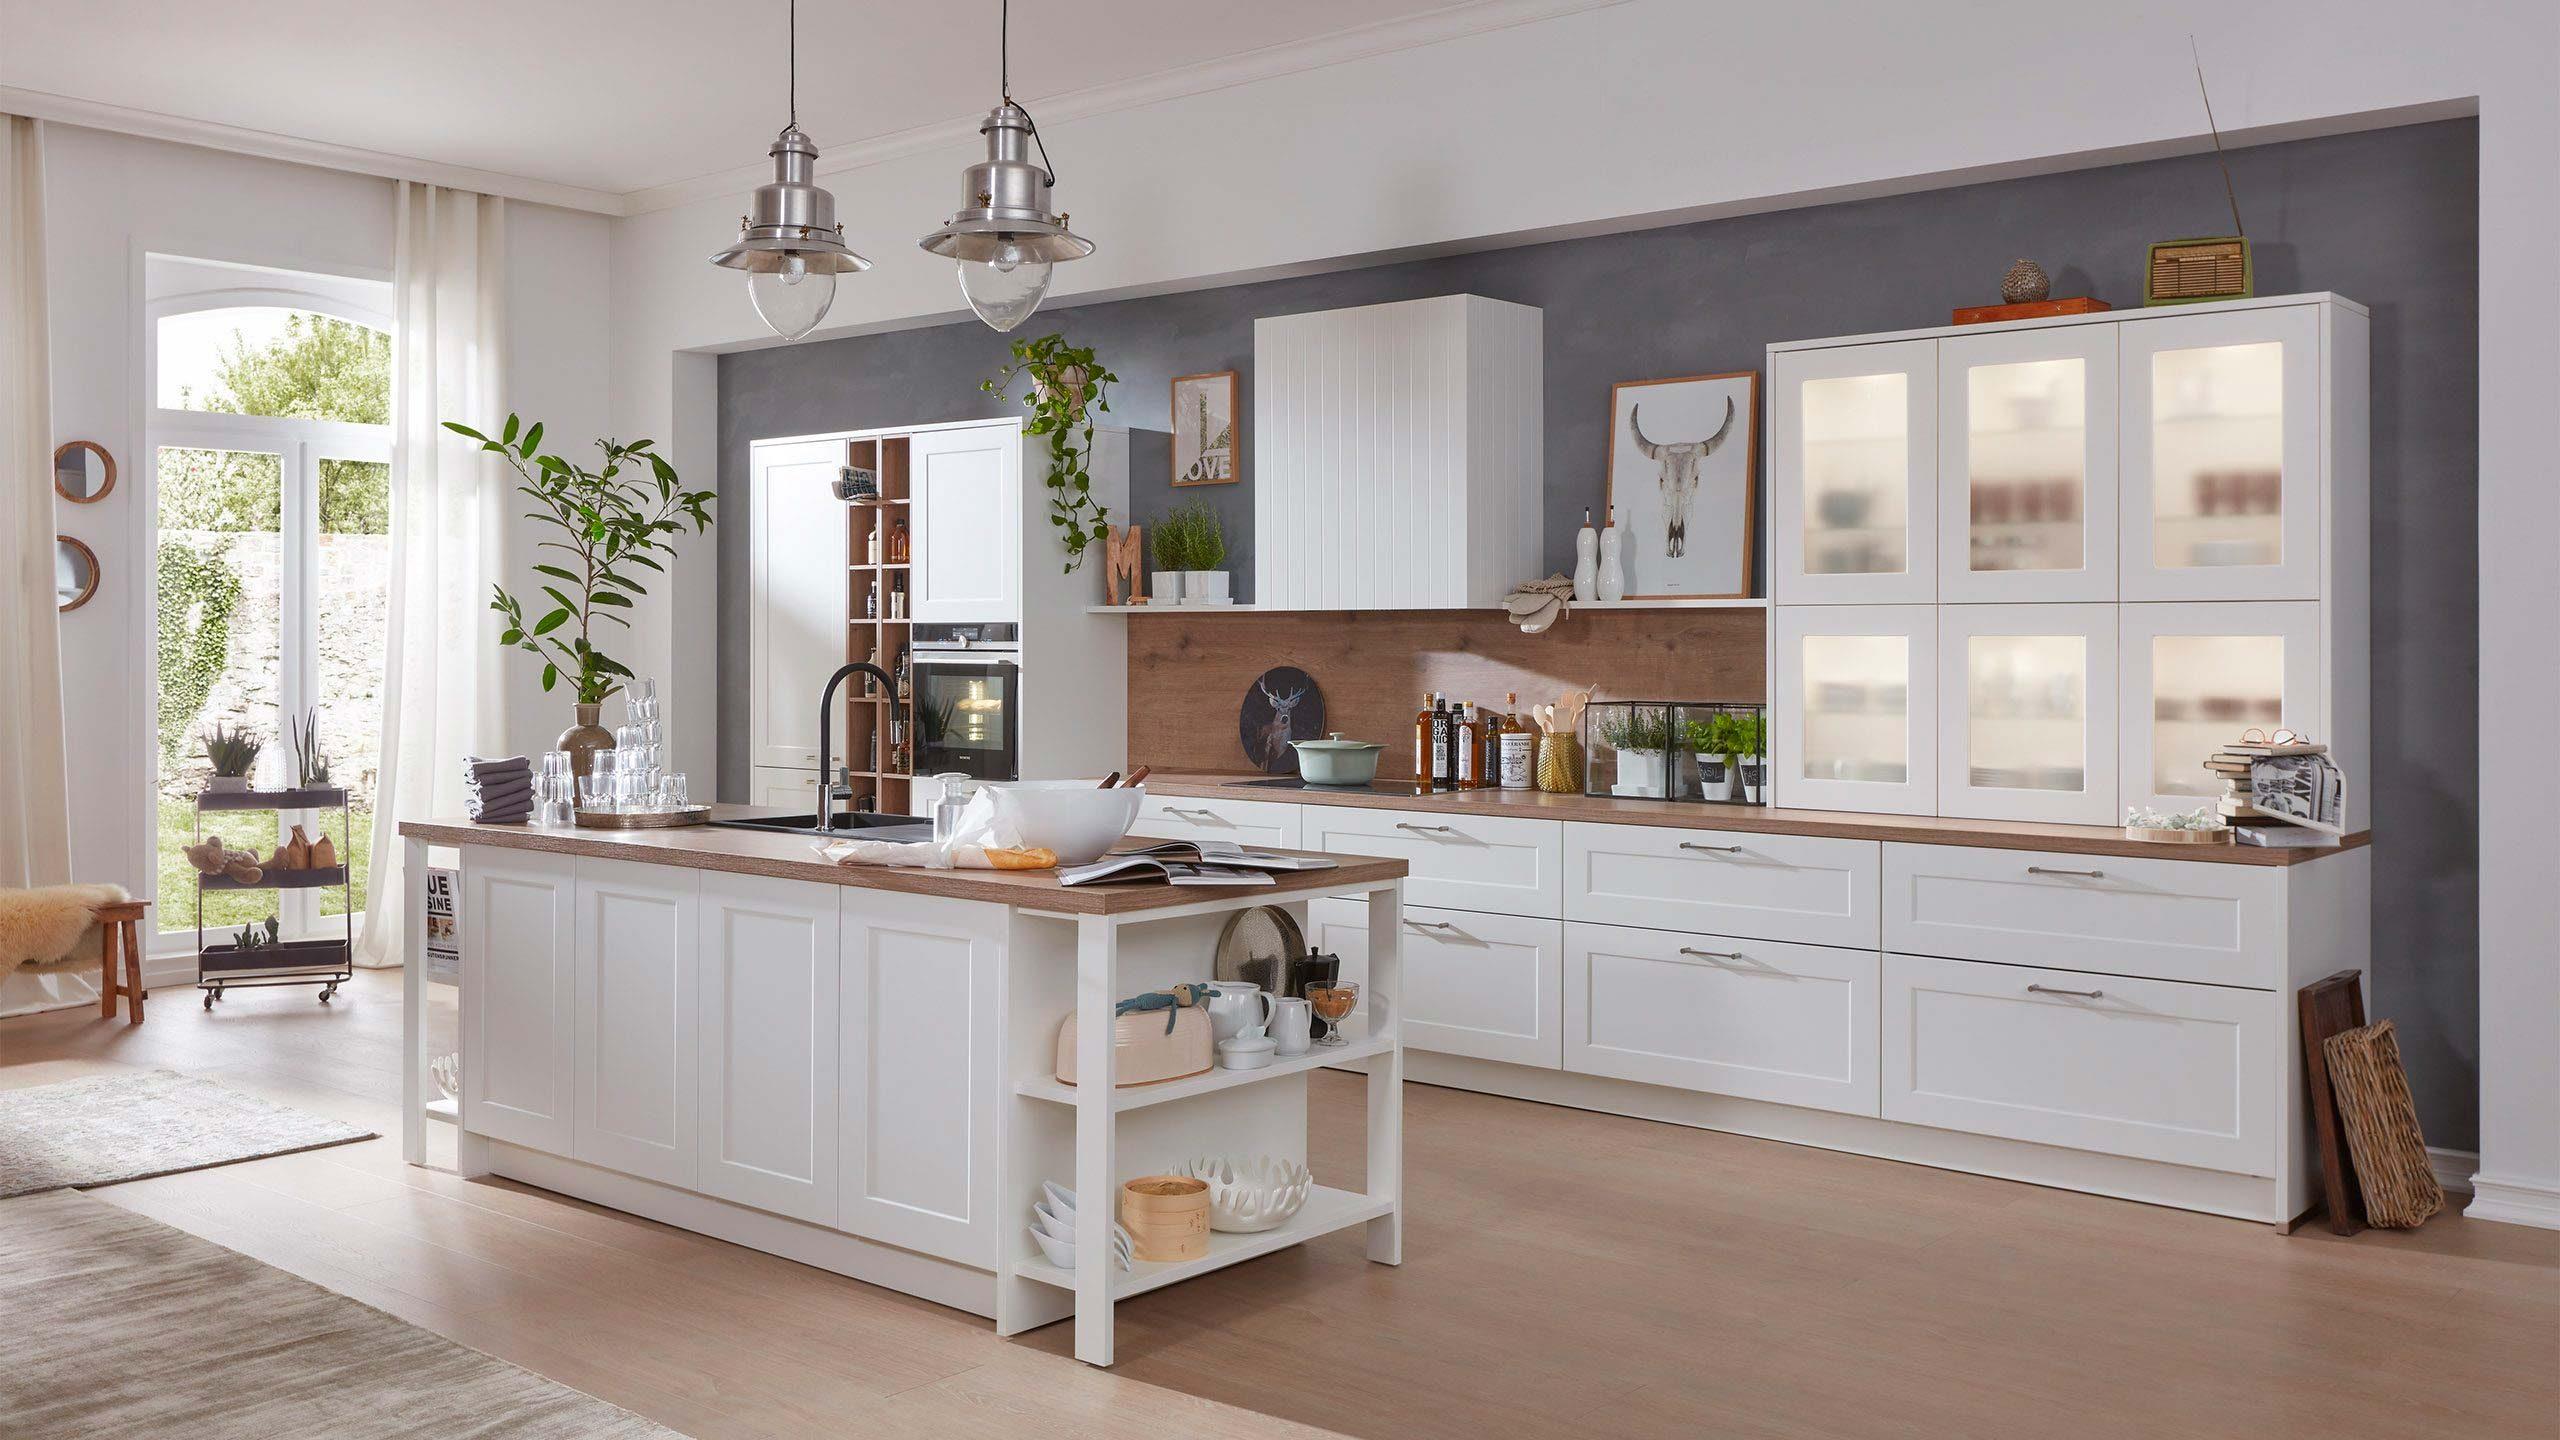 Jetzt neu: Interliving Küchen - Interliving